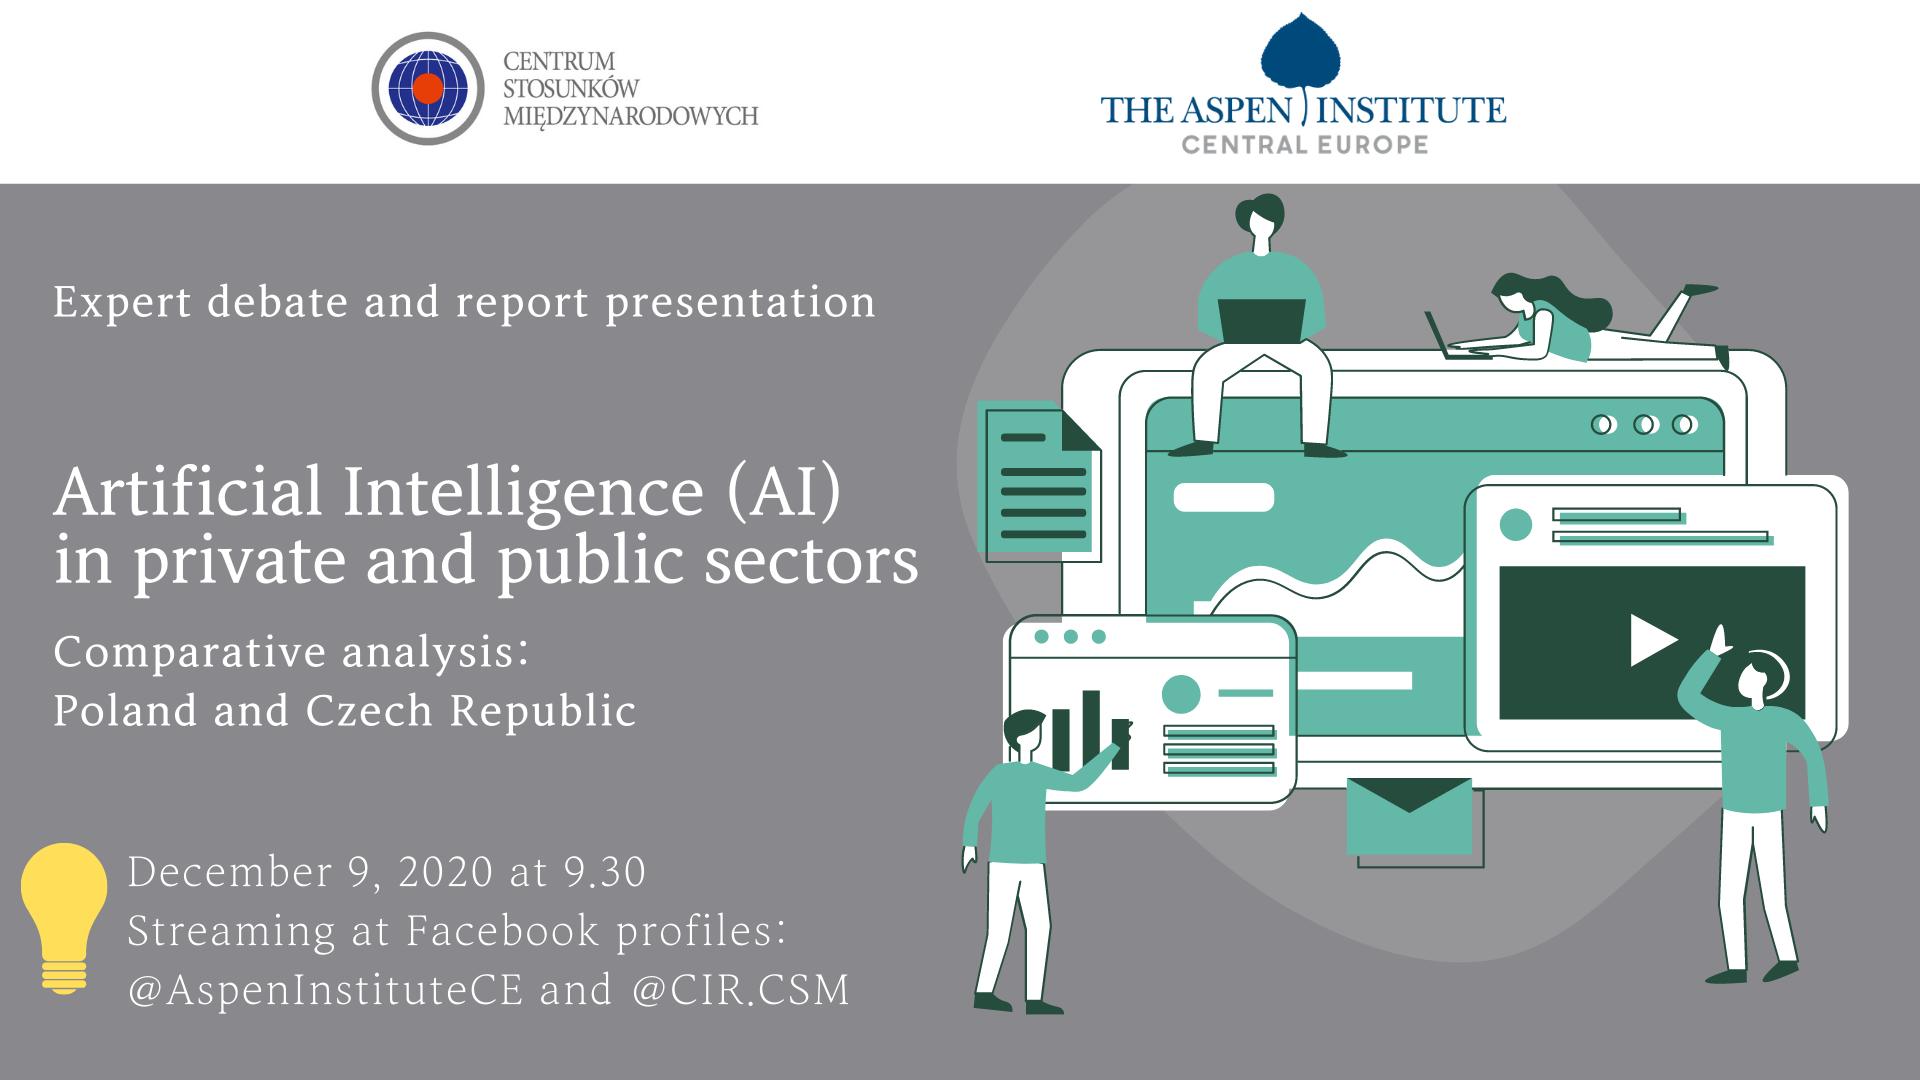 Debata i premiera raportu: Sztuczna inteligencja w sektorach publicznym i prywatnym w Polsce i w Czechach